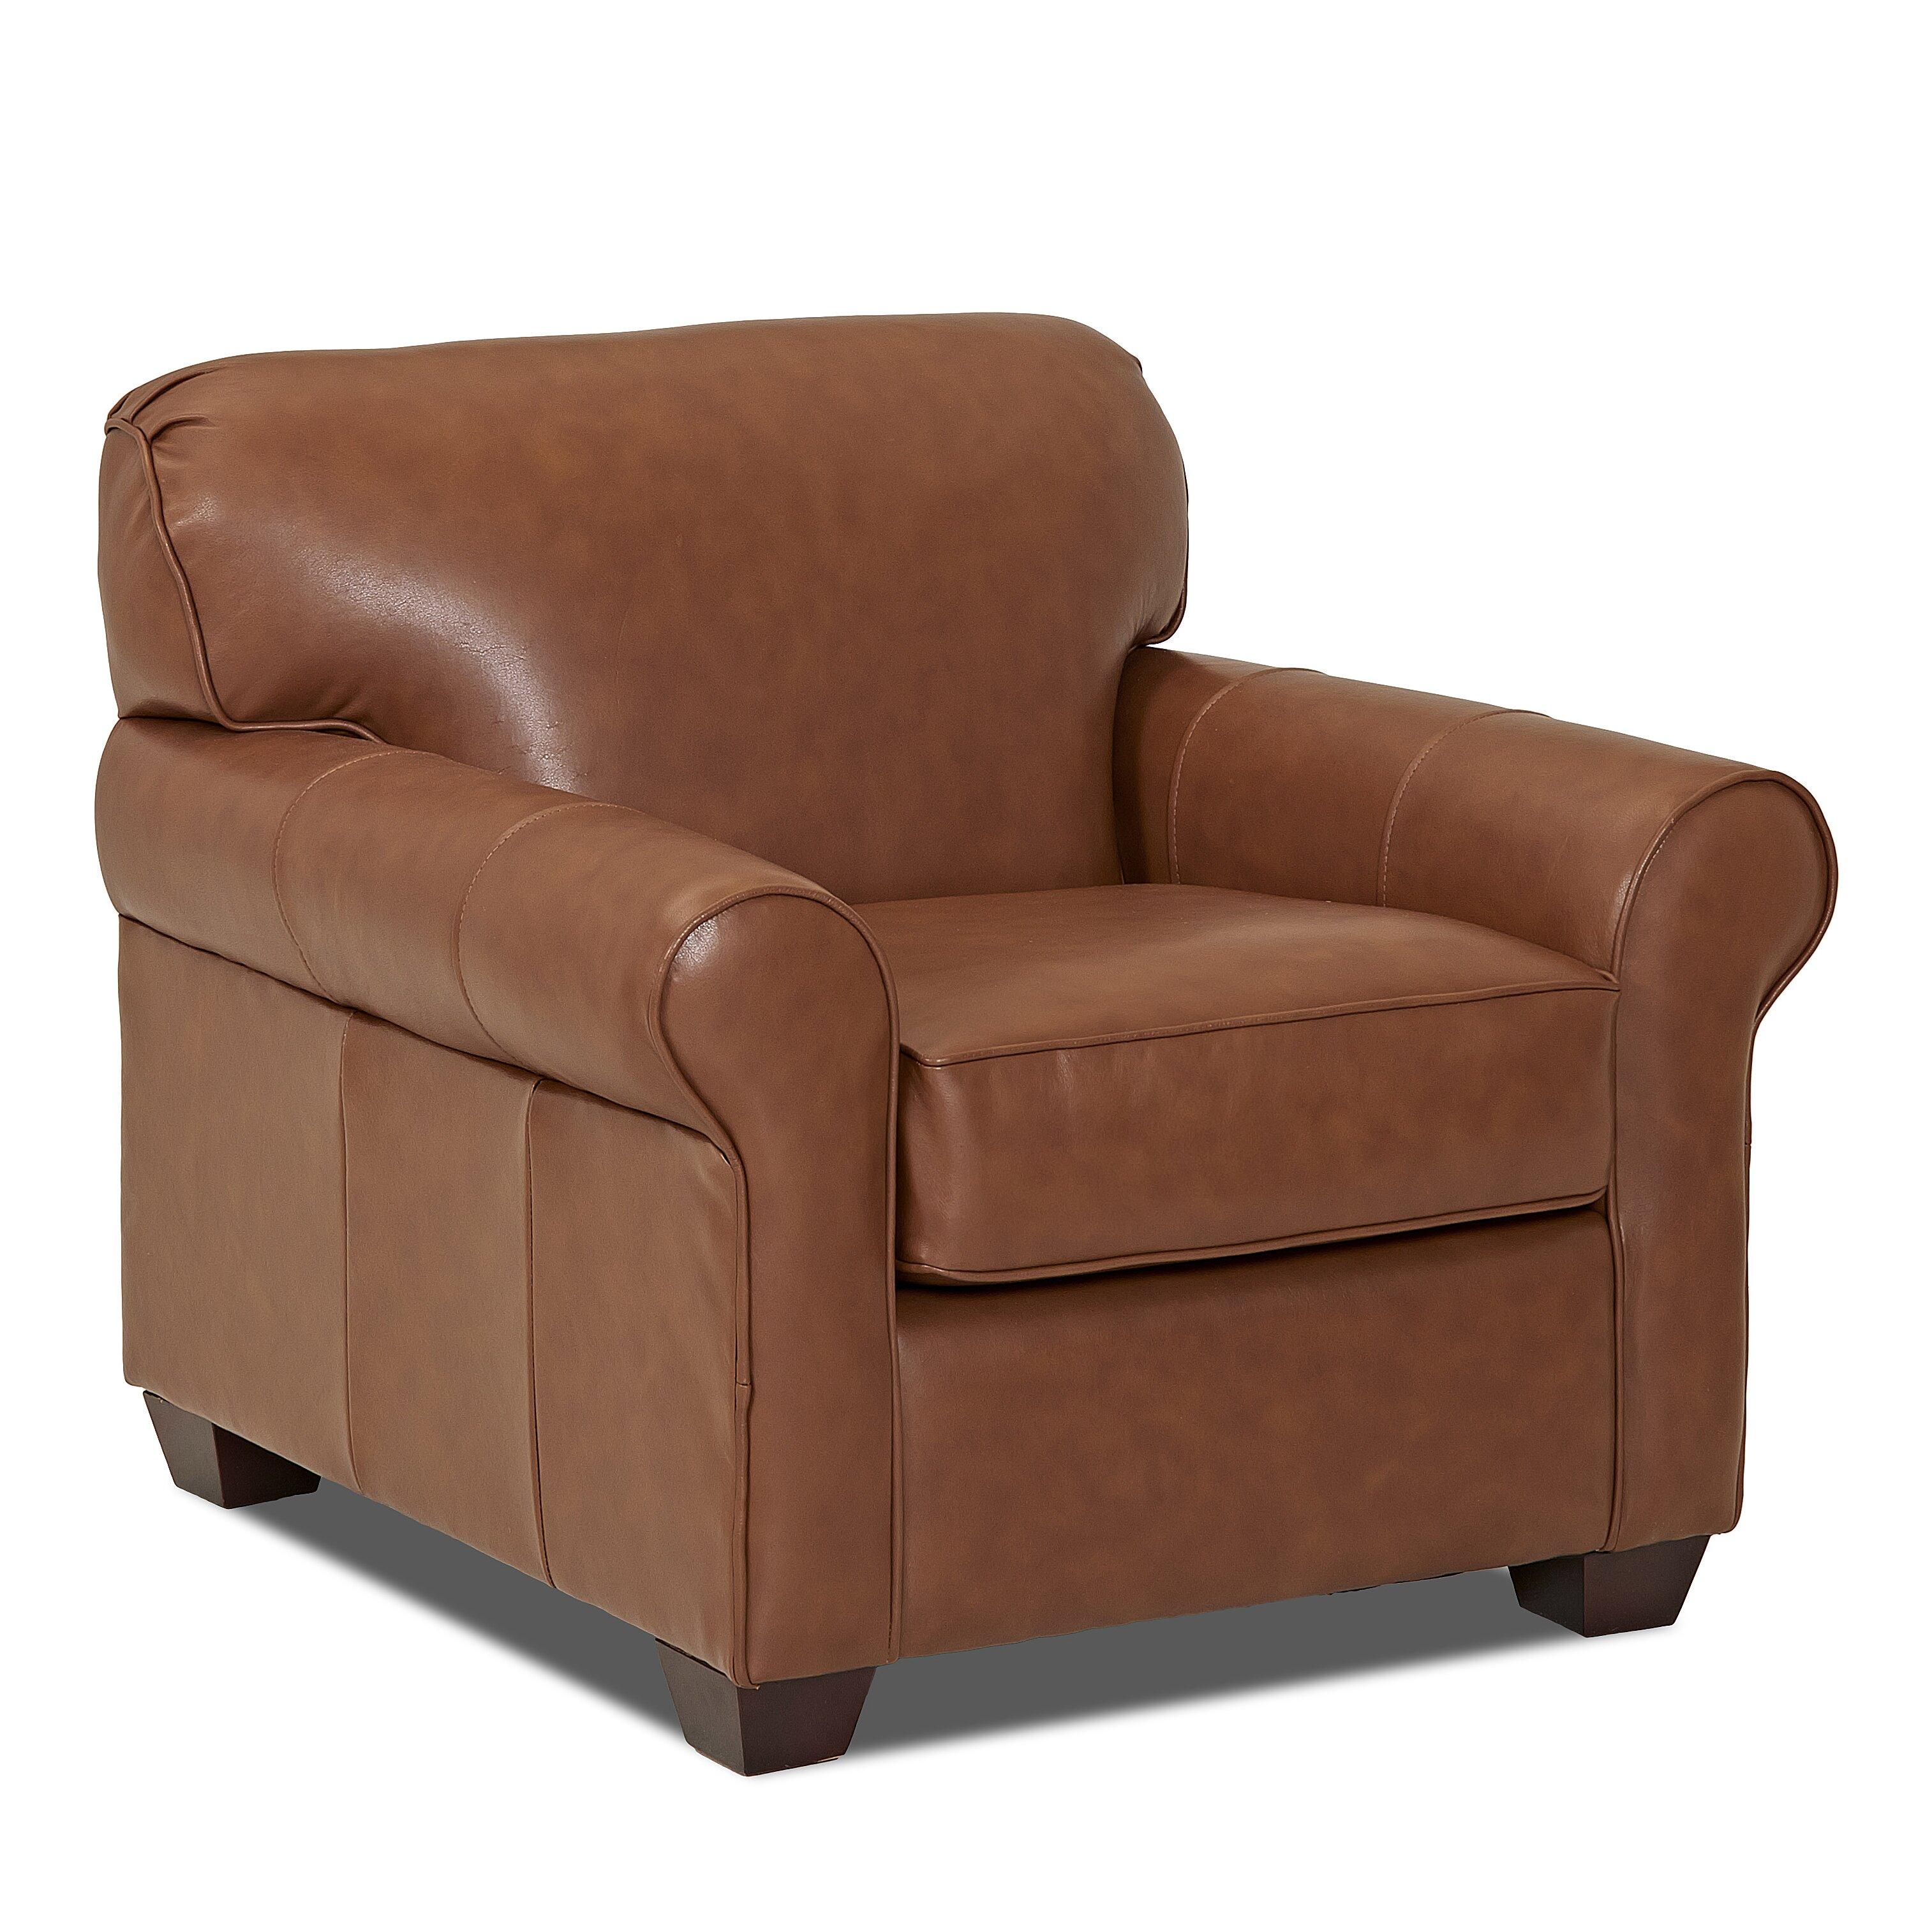 Wayfair Custom Upholstery Jennifer Leather Arm Chair ...